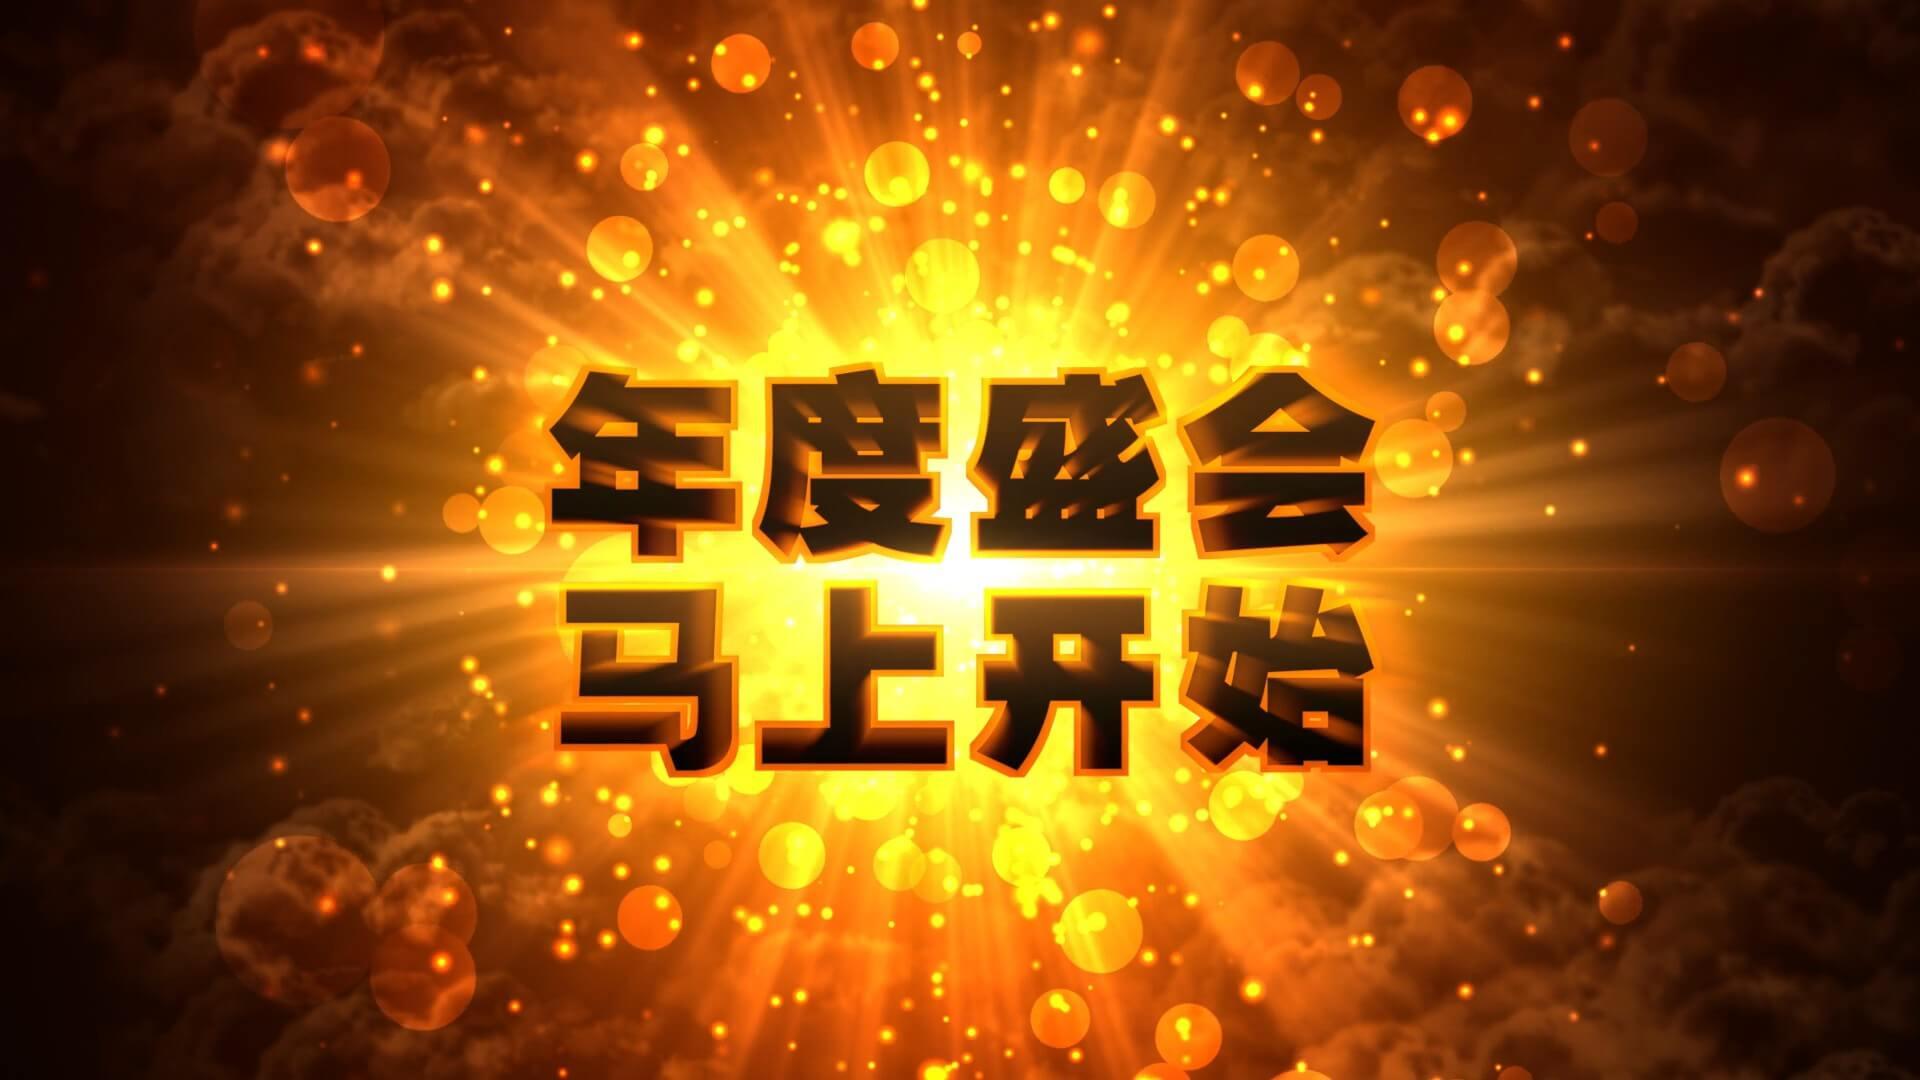 震撼大气企业公司年会开场motion模板 辉煌电影预告片模板